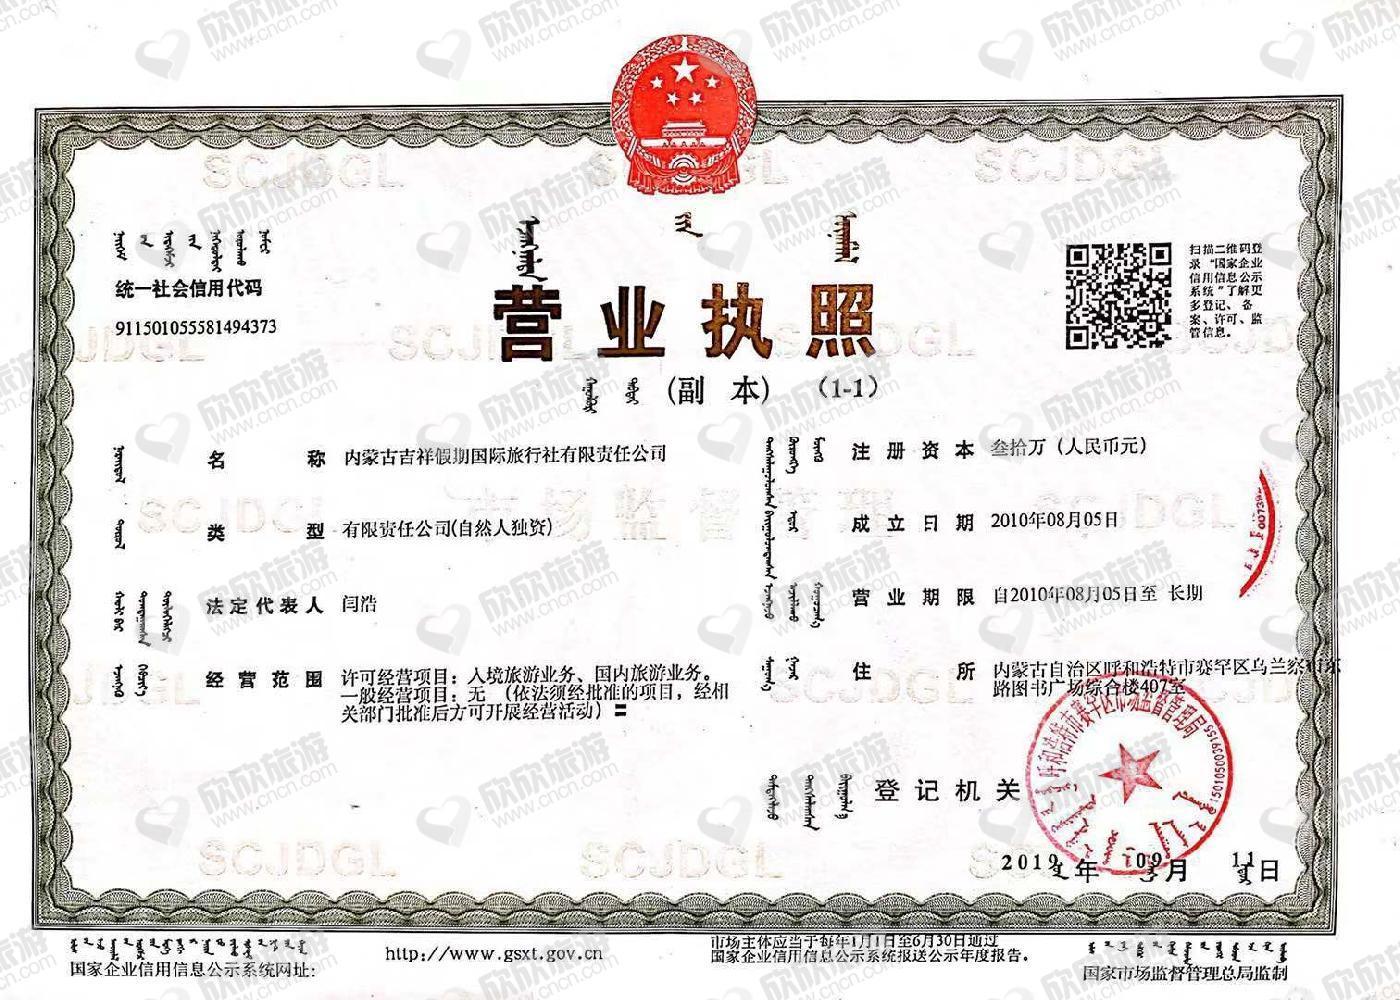 内蒙古吉祥假期国际旅行社有限责任公司营业执照